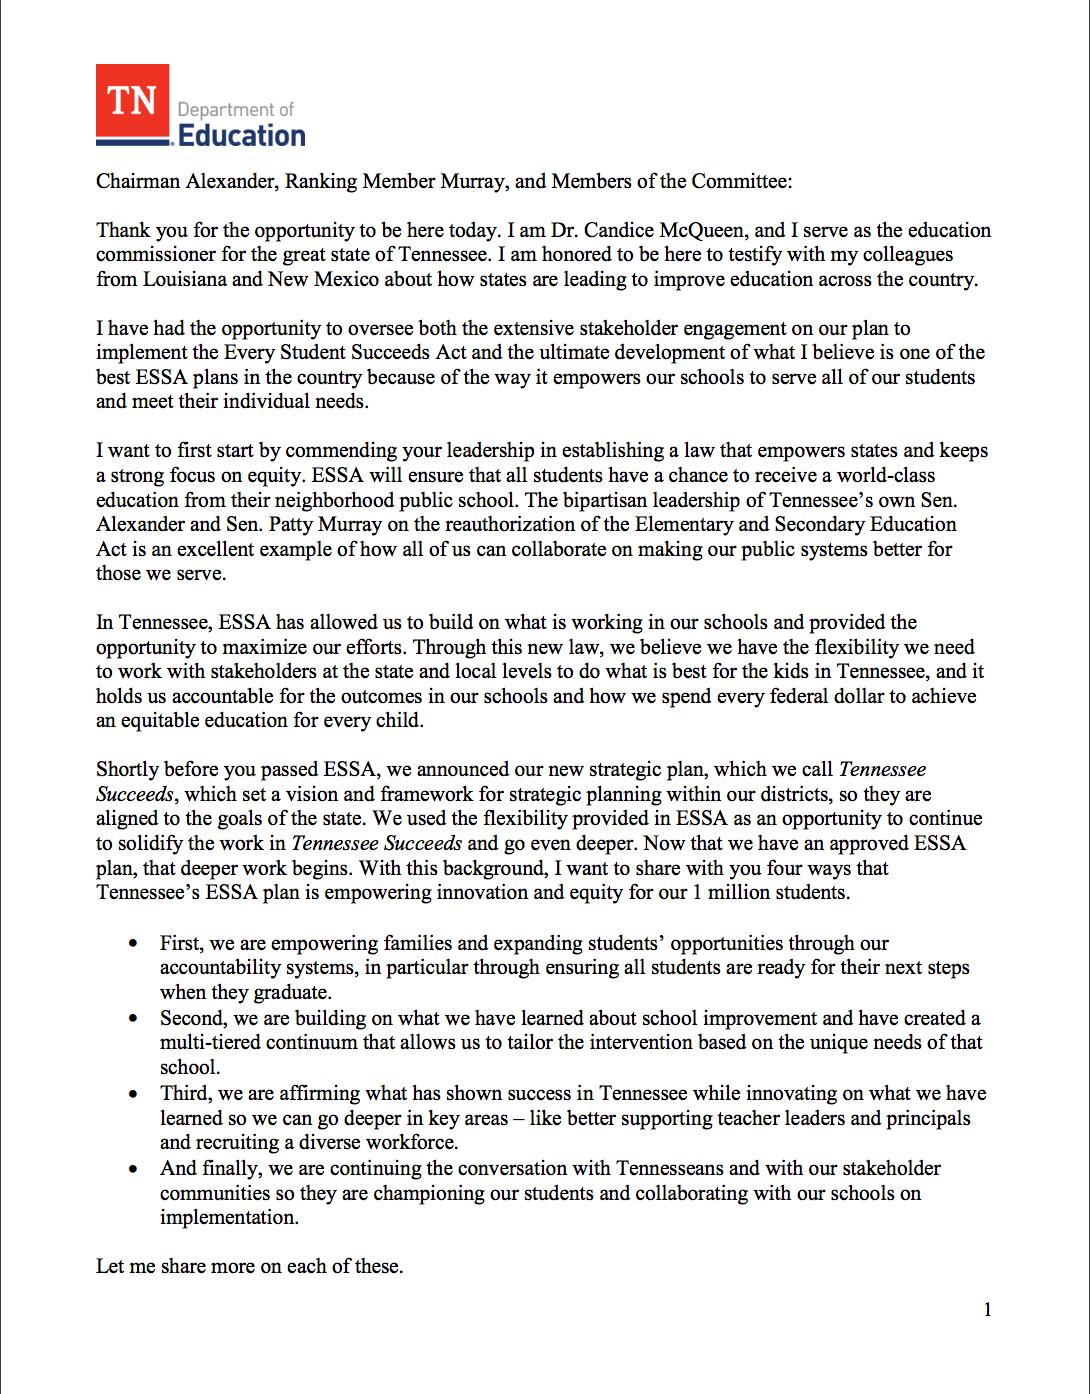 Commissioner McQueen ESSA Testimony page 1